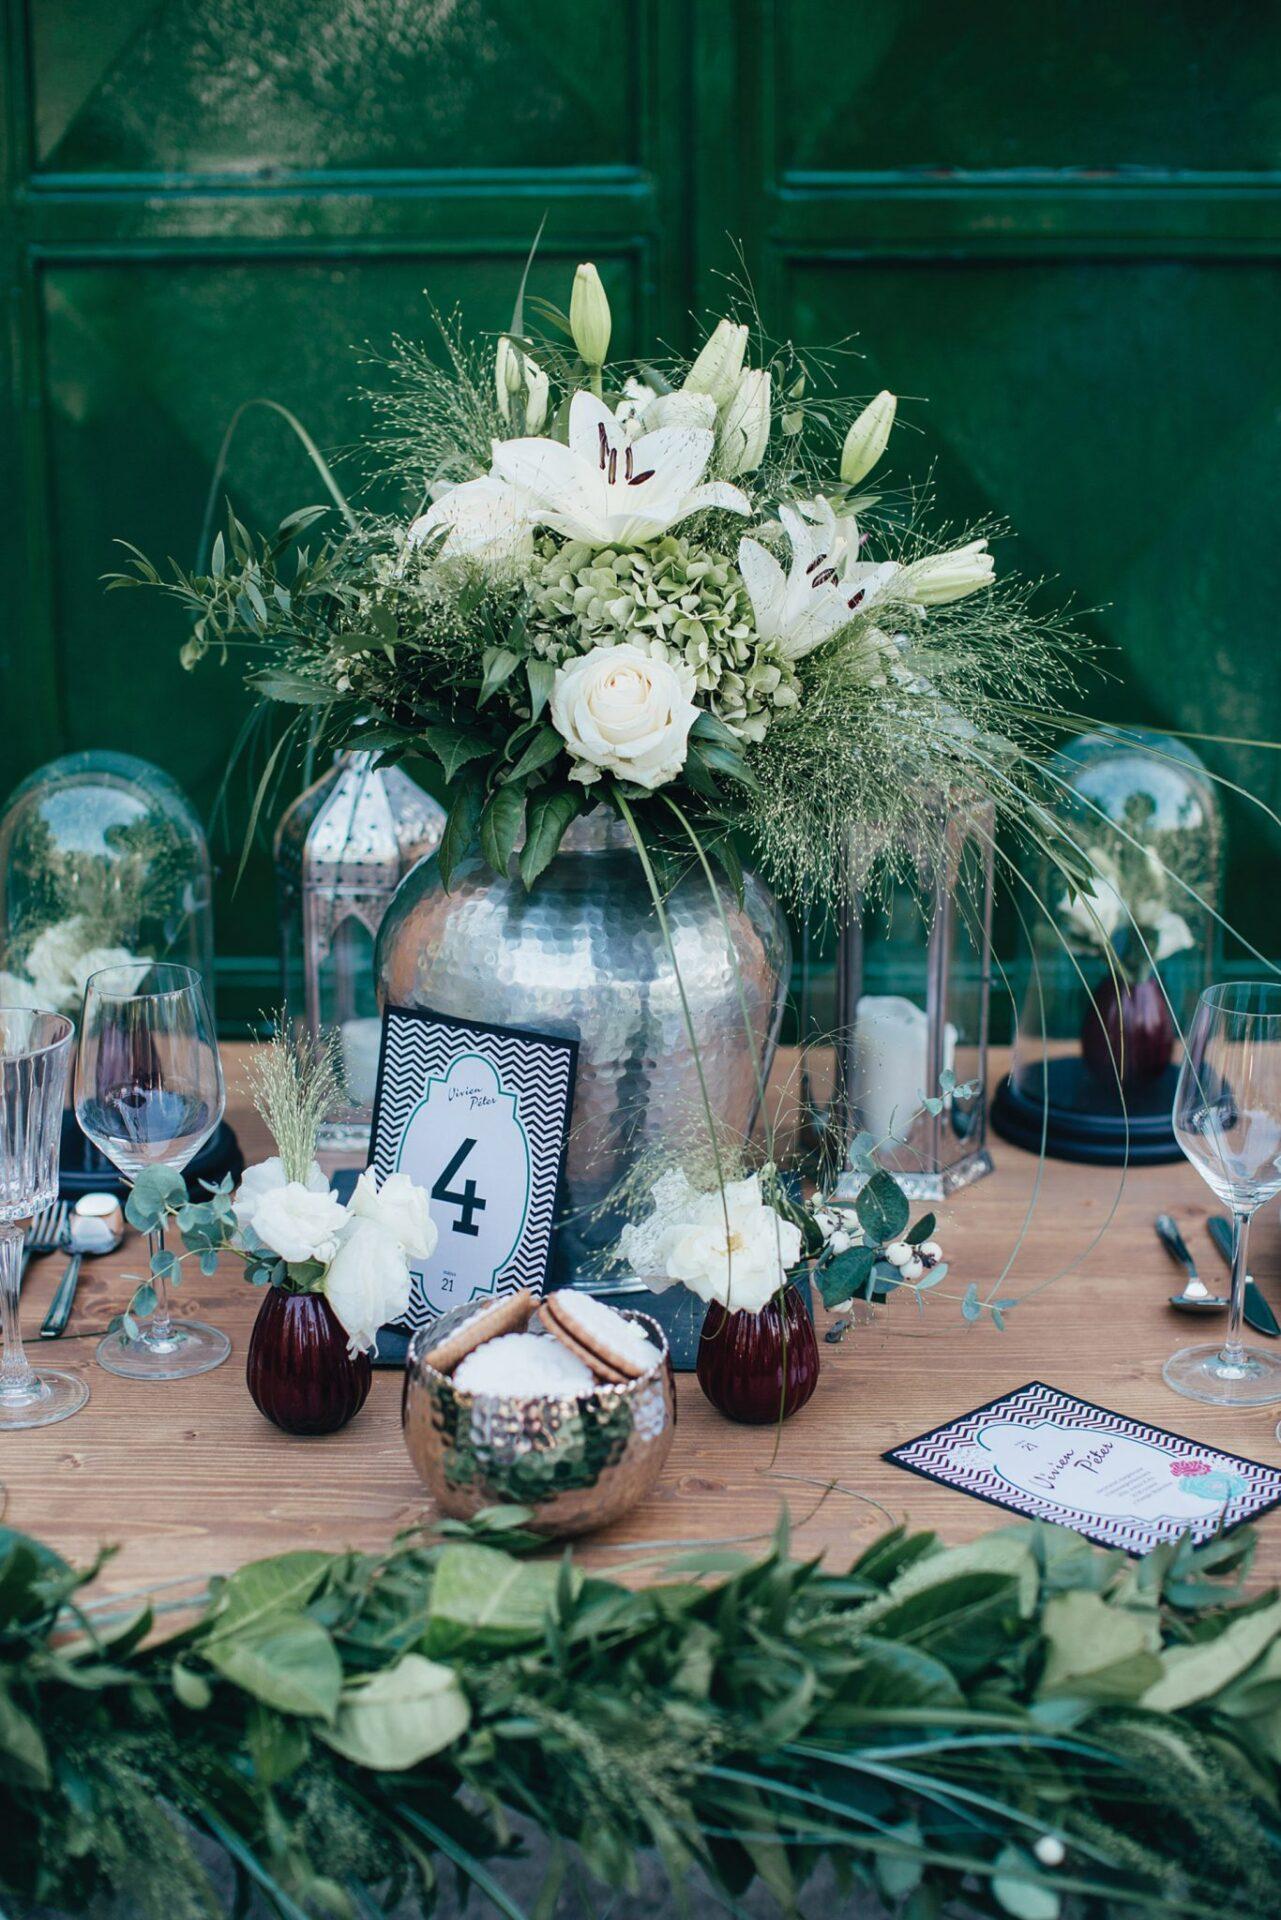 10+1 újhullámos esküvői ötlet a7802841e5